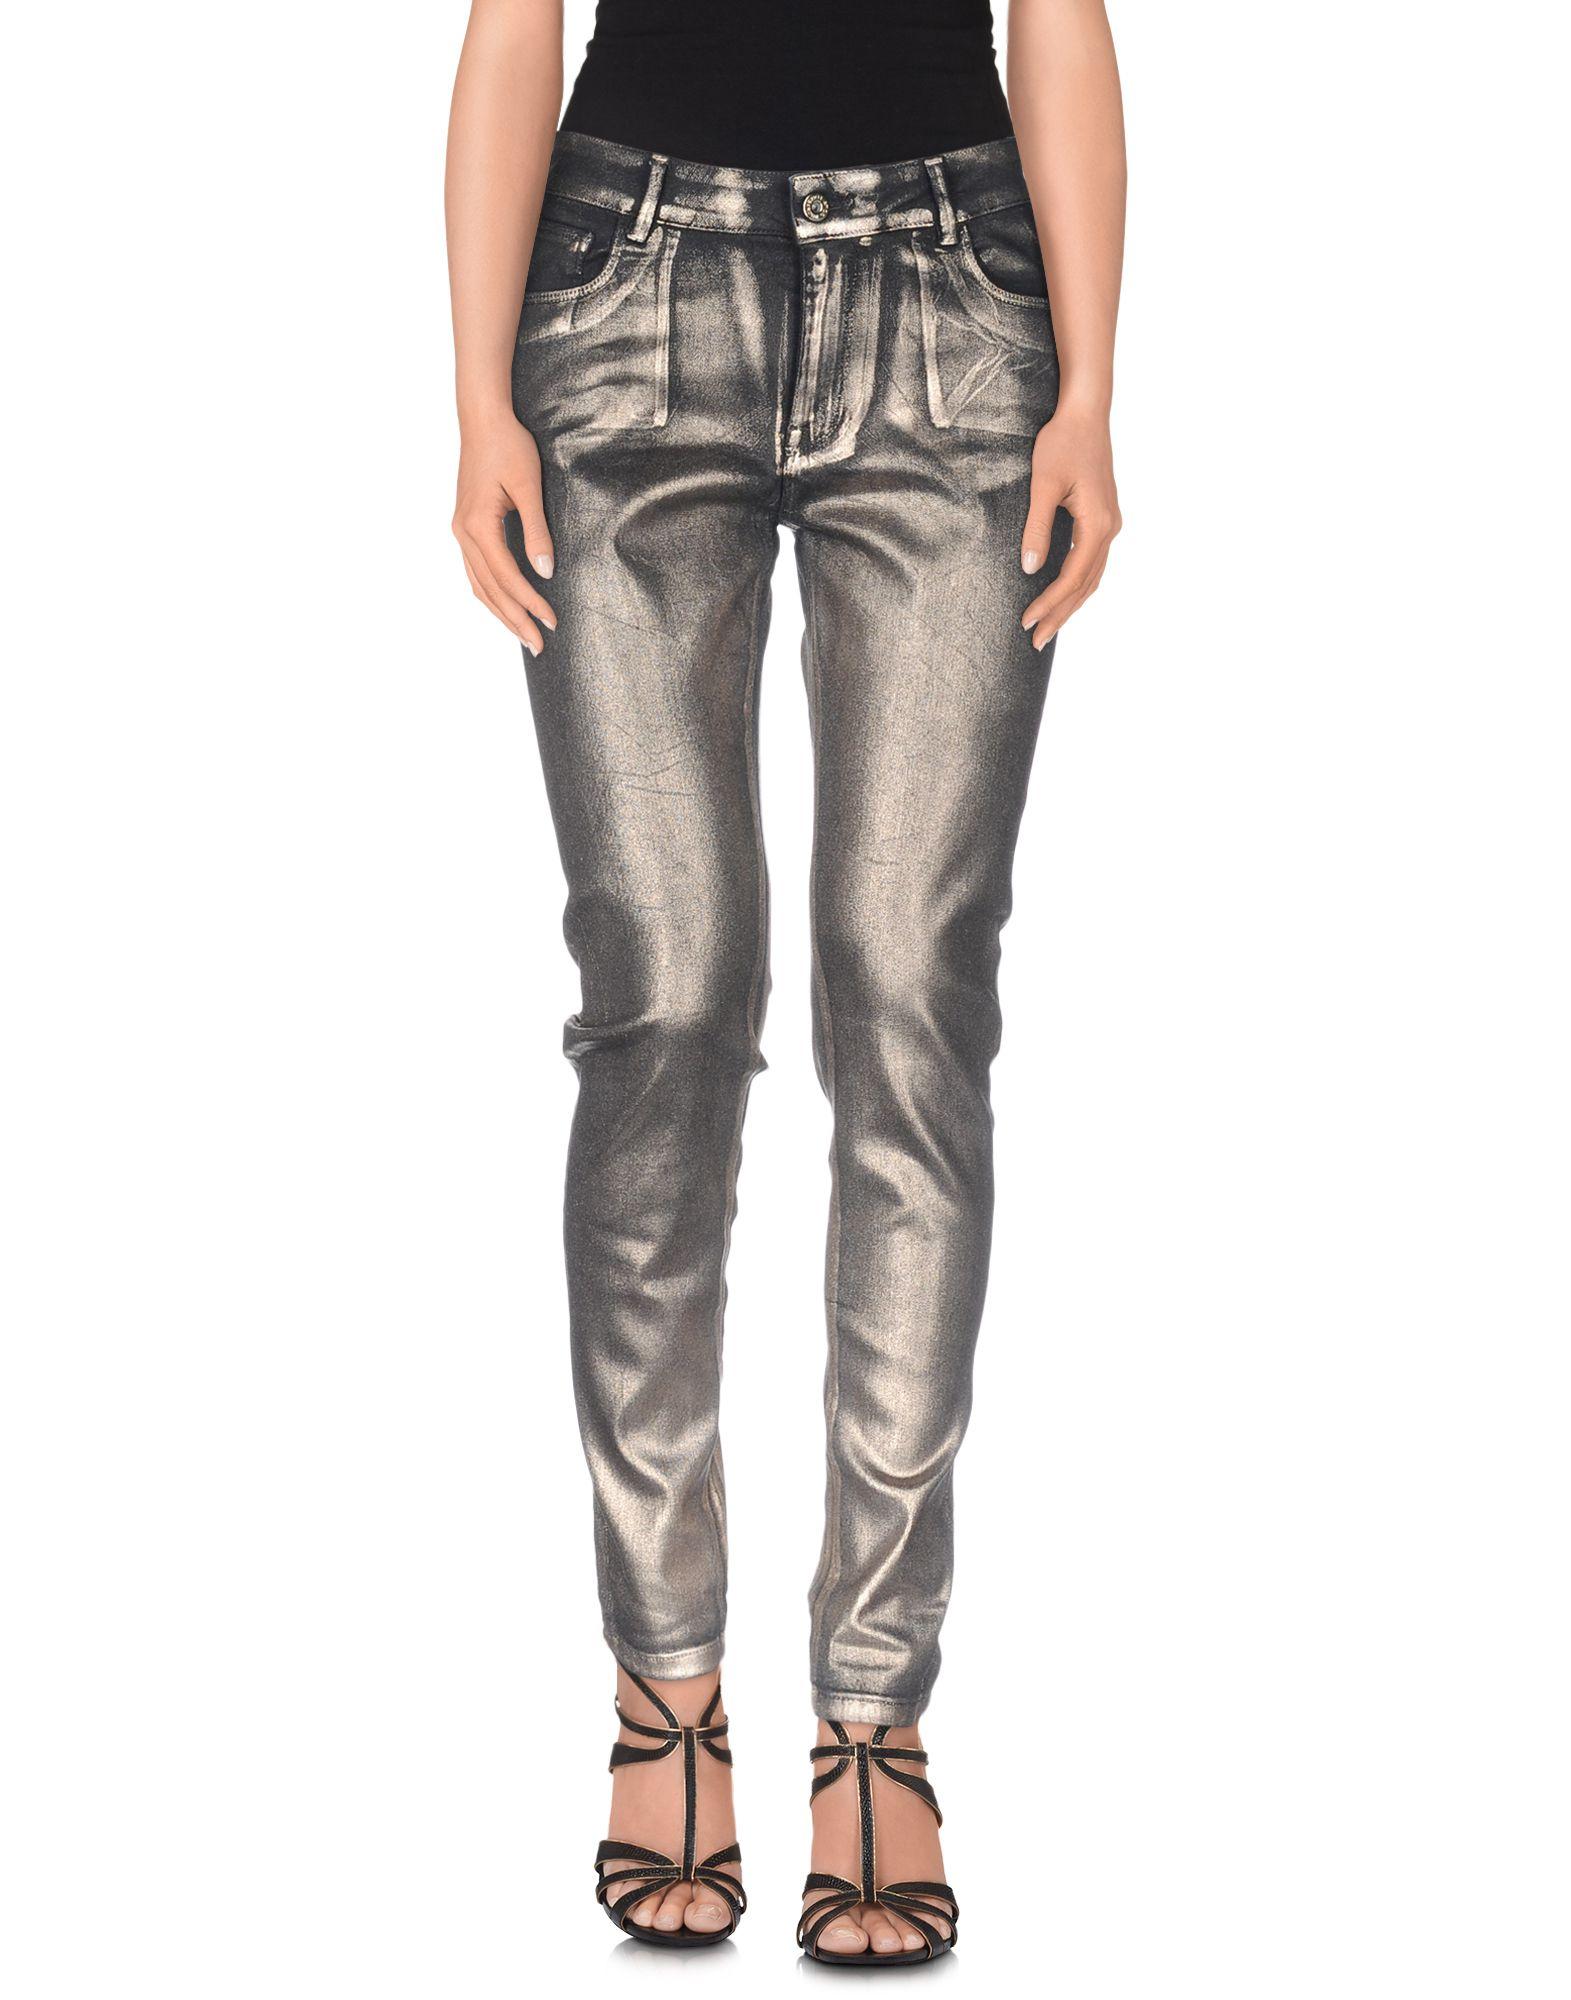 ATOS LOMBARDINI Damen Jeanshose Farbe Bronze Größe 2